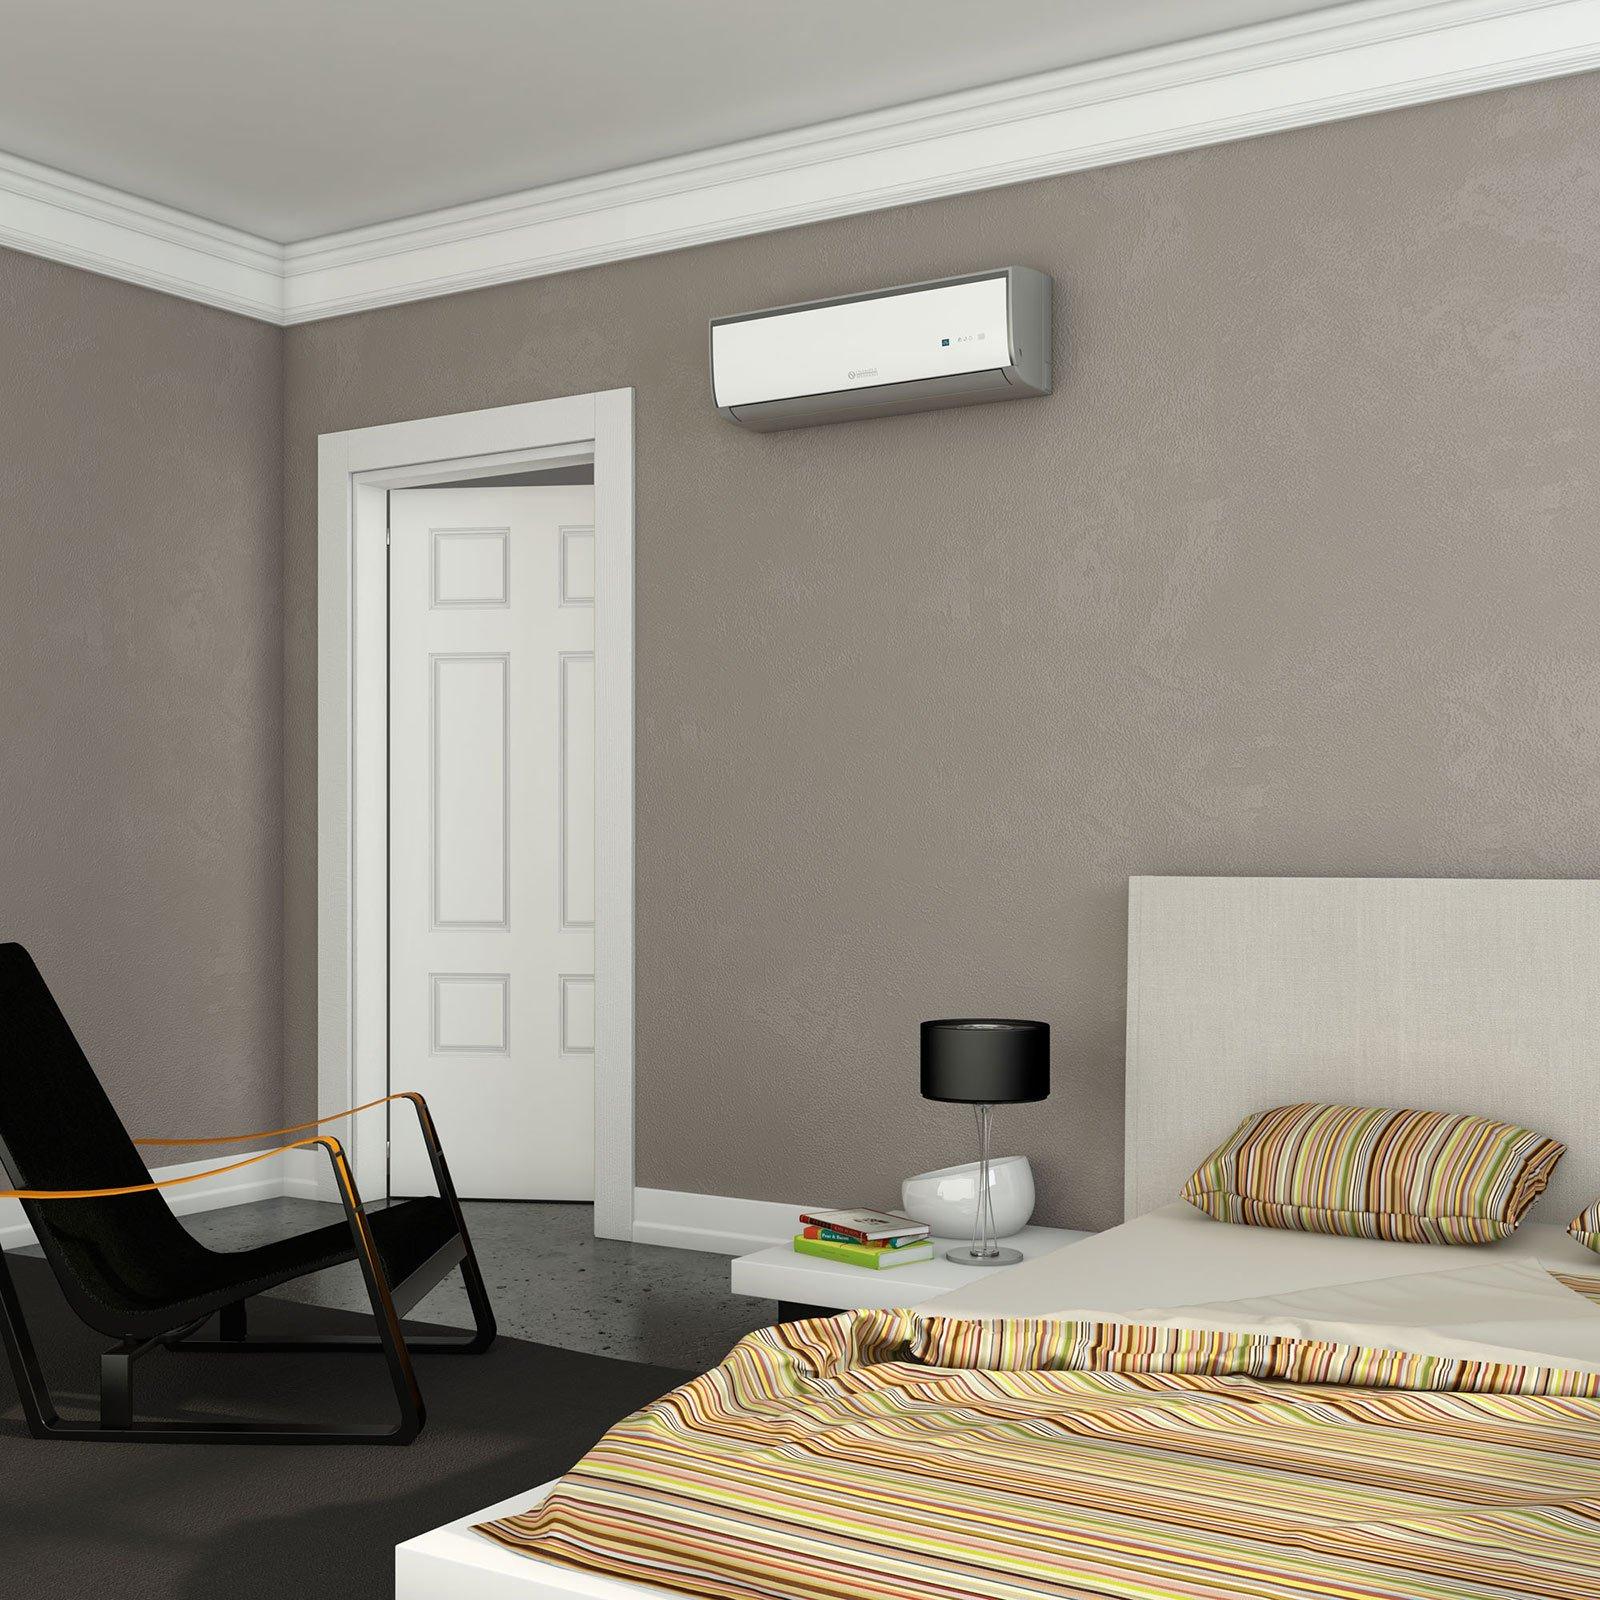 Climatizzatori contro caldo e umidit cose di casa for Climatizzatori classe energetica a